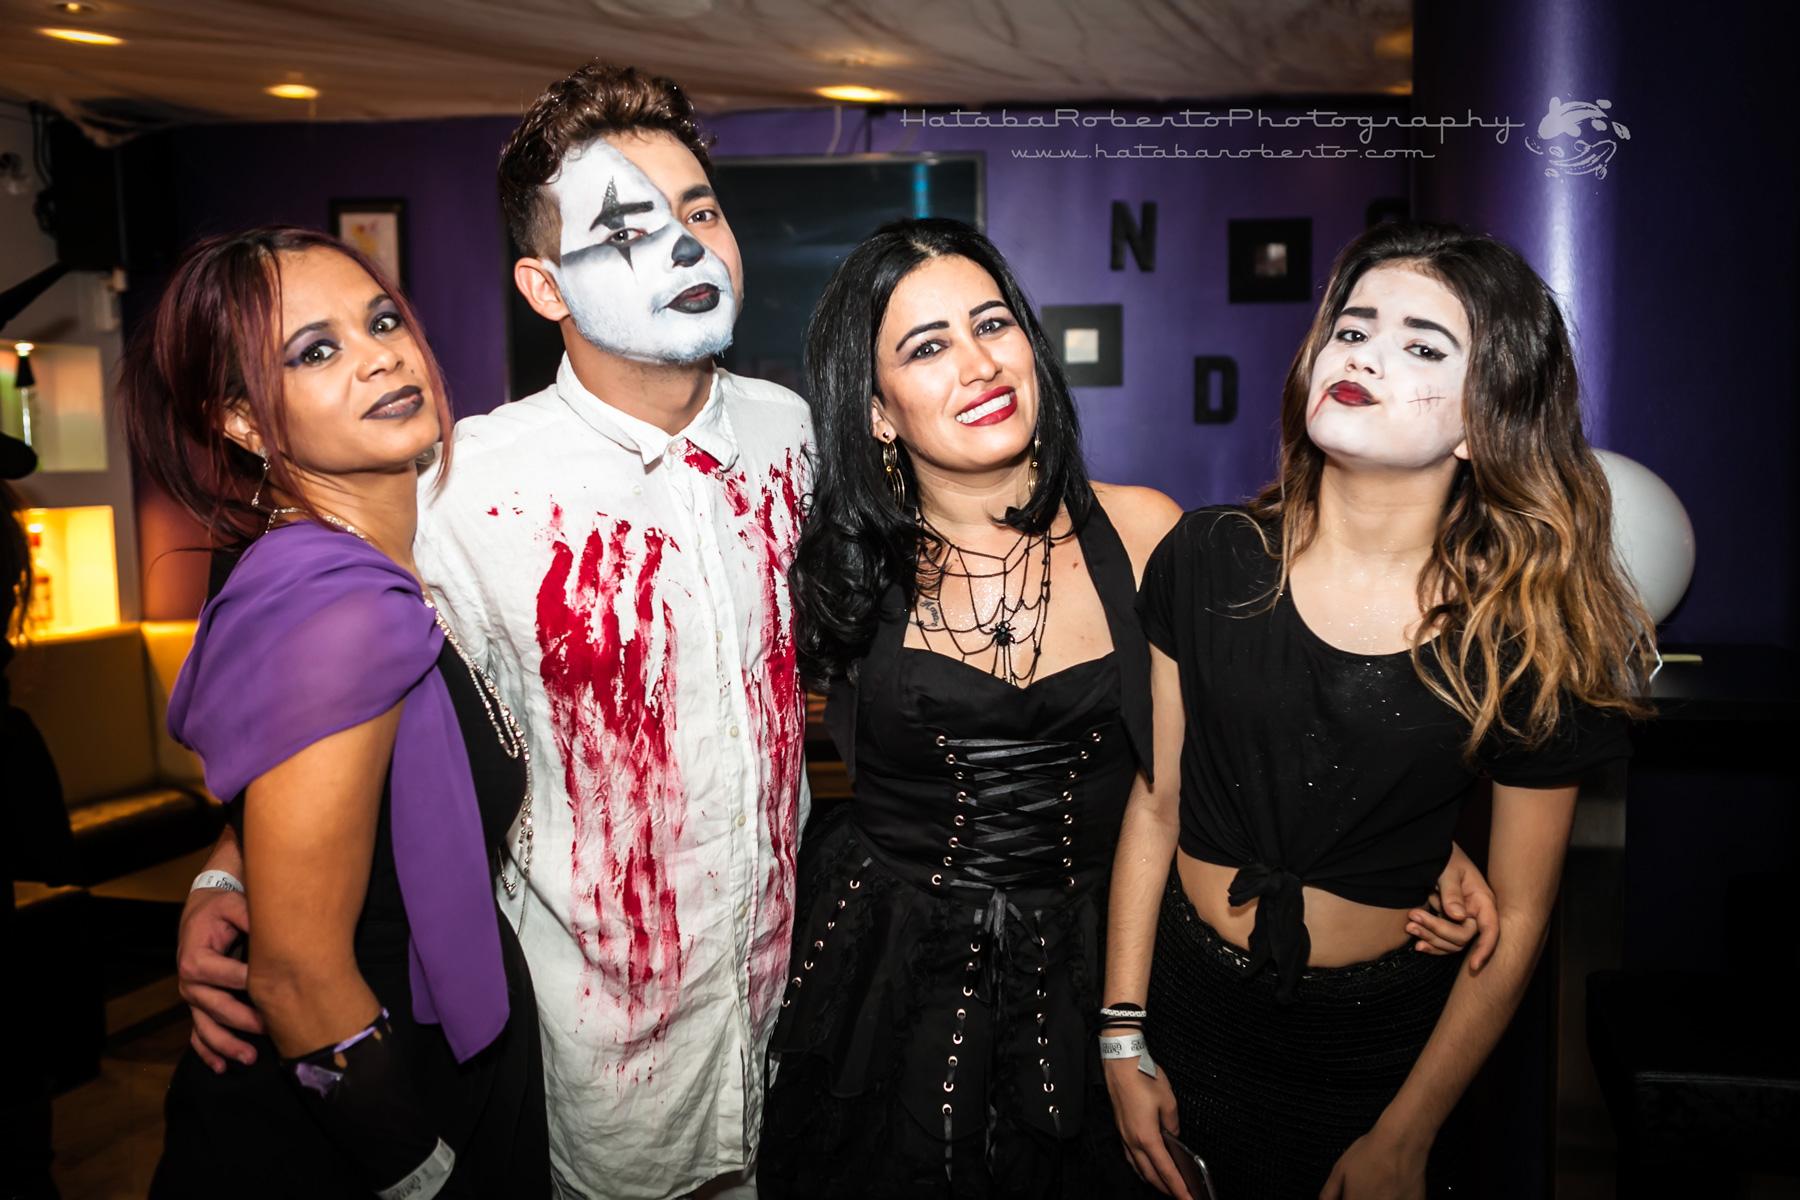 HalloweenHatabaRoberto-62